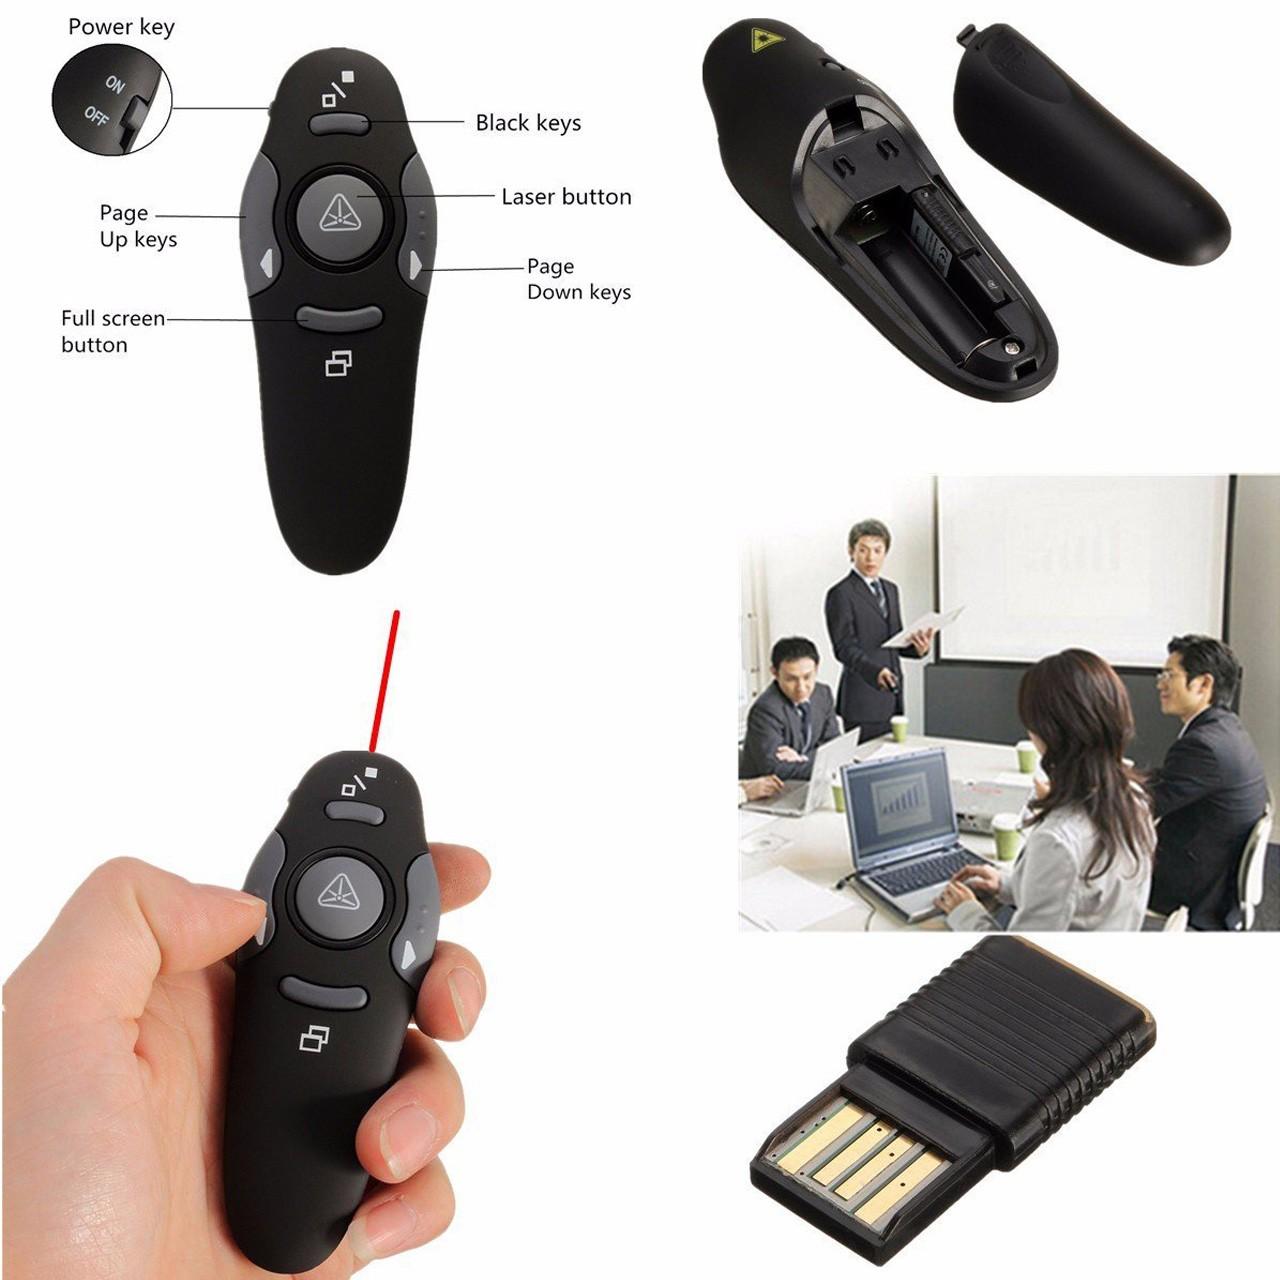 پرزنترهای بیسیم wireless presenter قیمت فروش پرزنتور خرید presenter logitech r400 قیمت دستگاه پرزنتور پرزنترهای بیسیم چیست لاجیتک r400